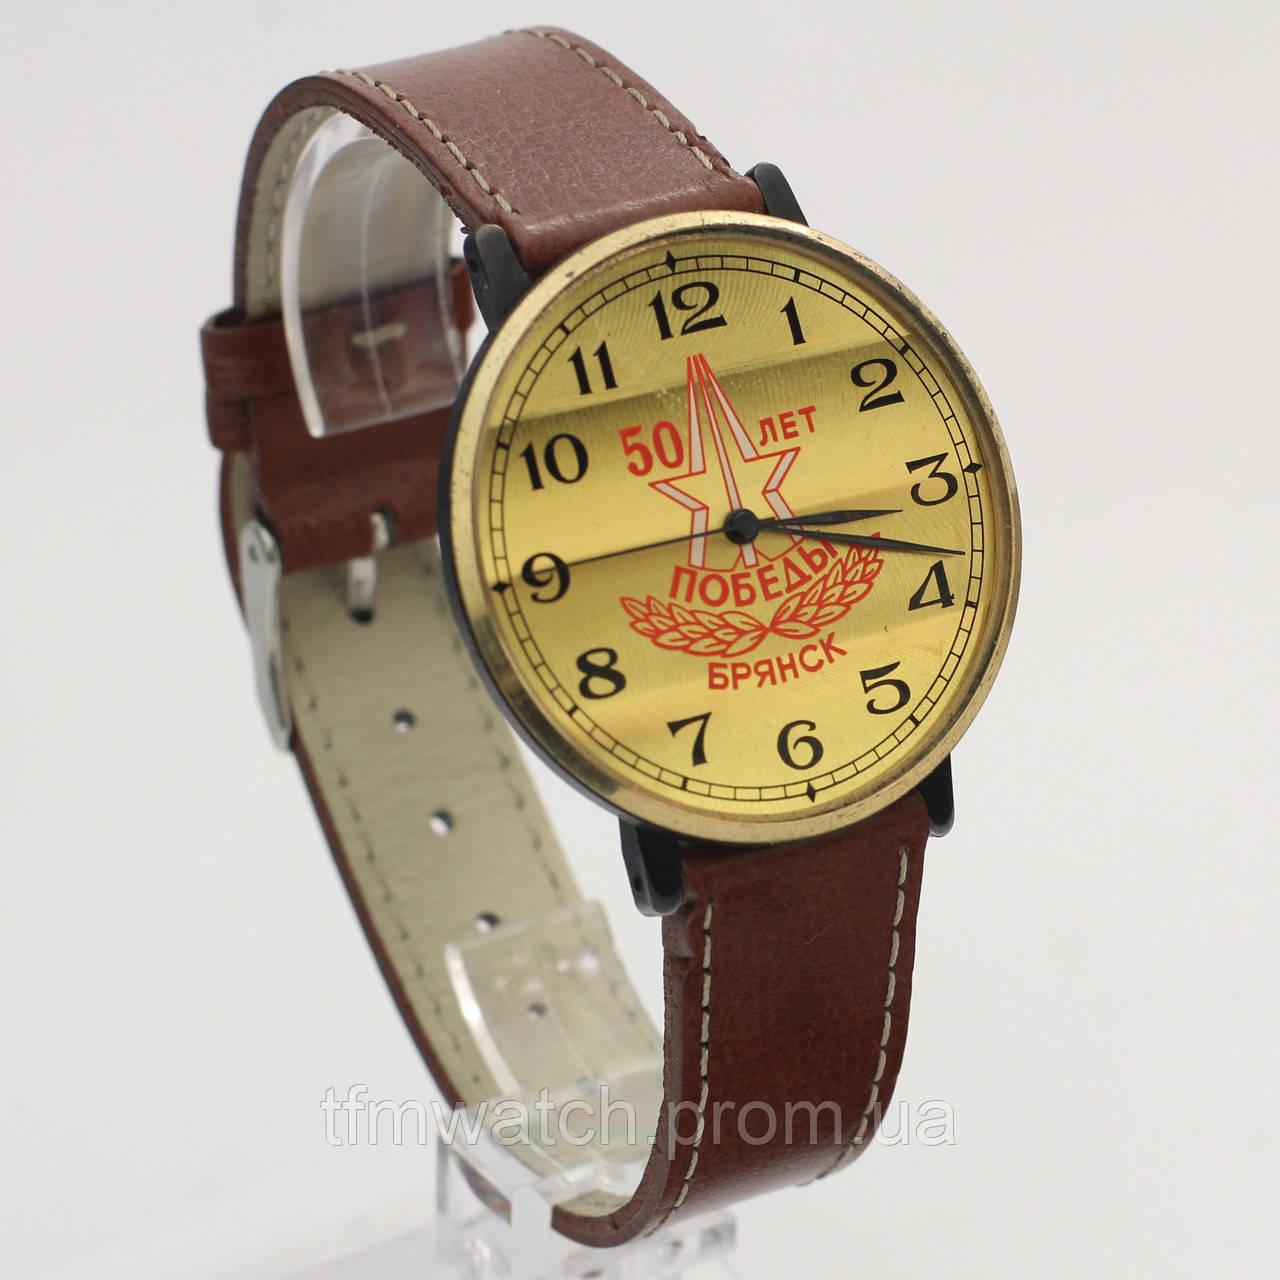 Часы Заря 50 лет Победы